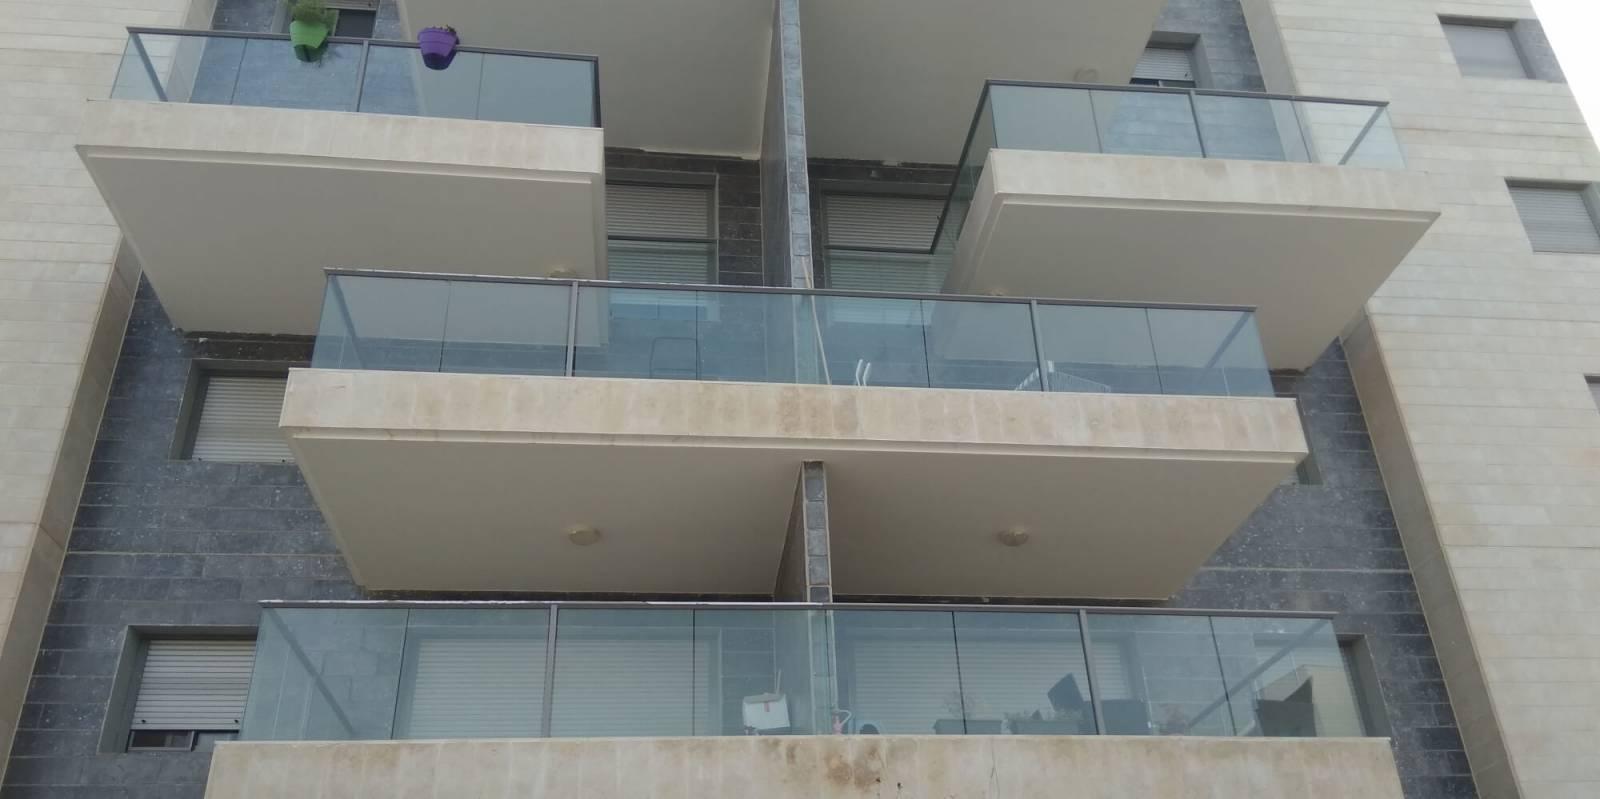 מרפסות בבניין בחריש